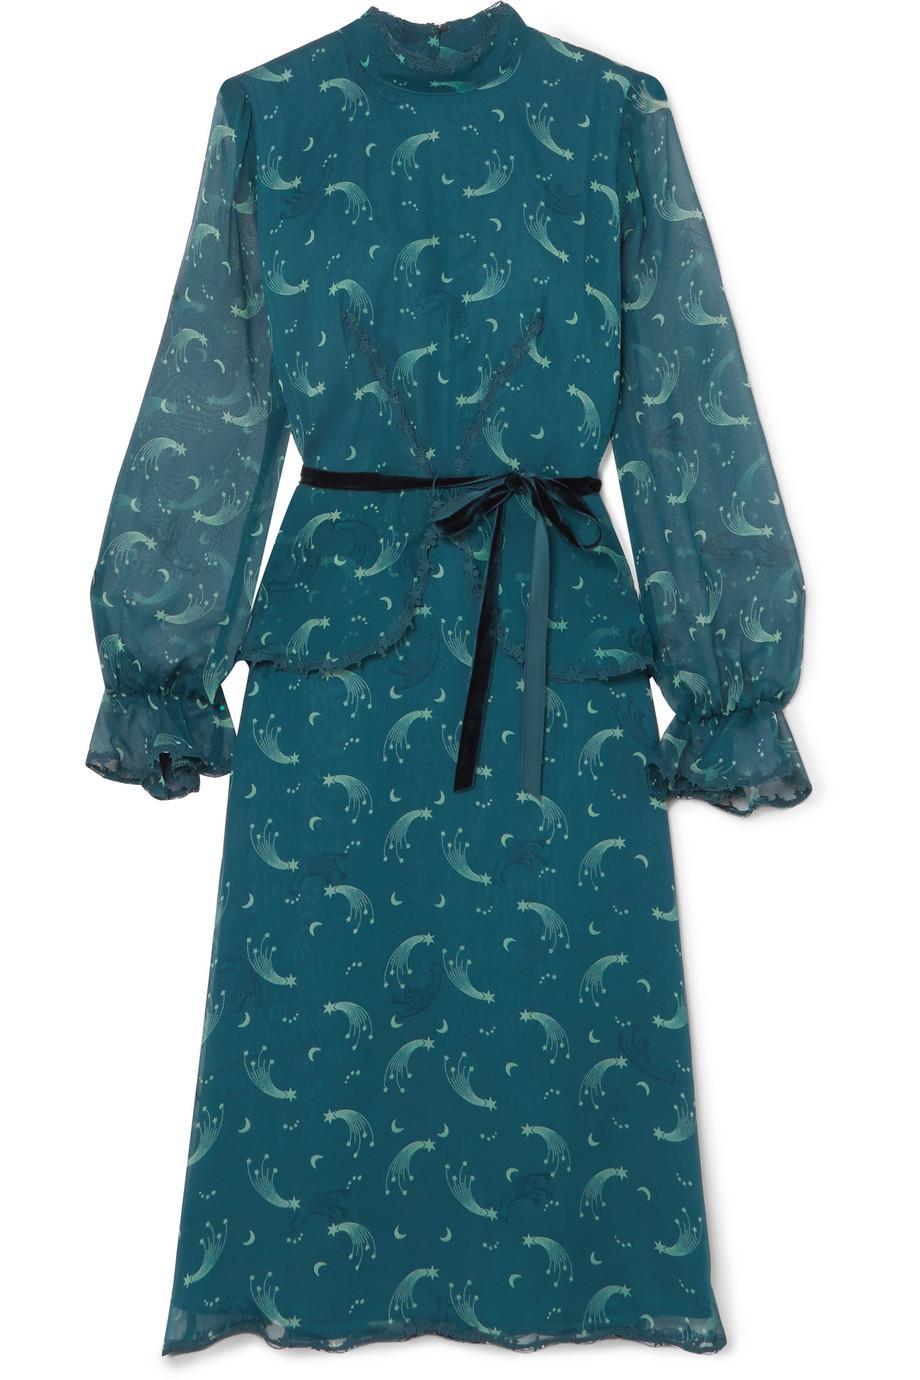 fc97850b31c4 Anna Sui Star Burst Printed Crinkled Silk-chiffon Dress in Blue - Lyst